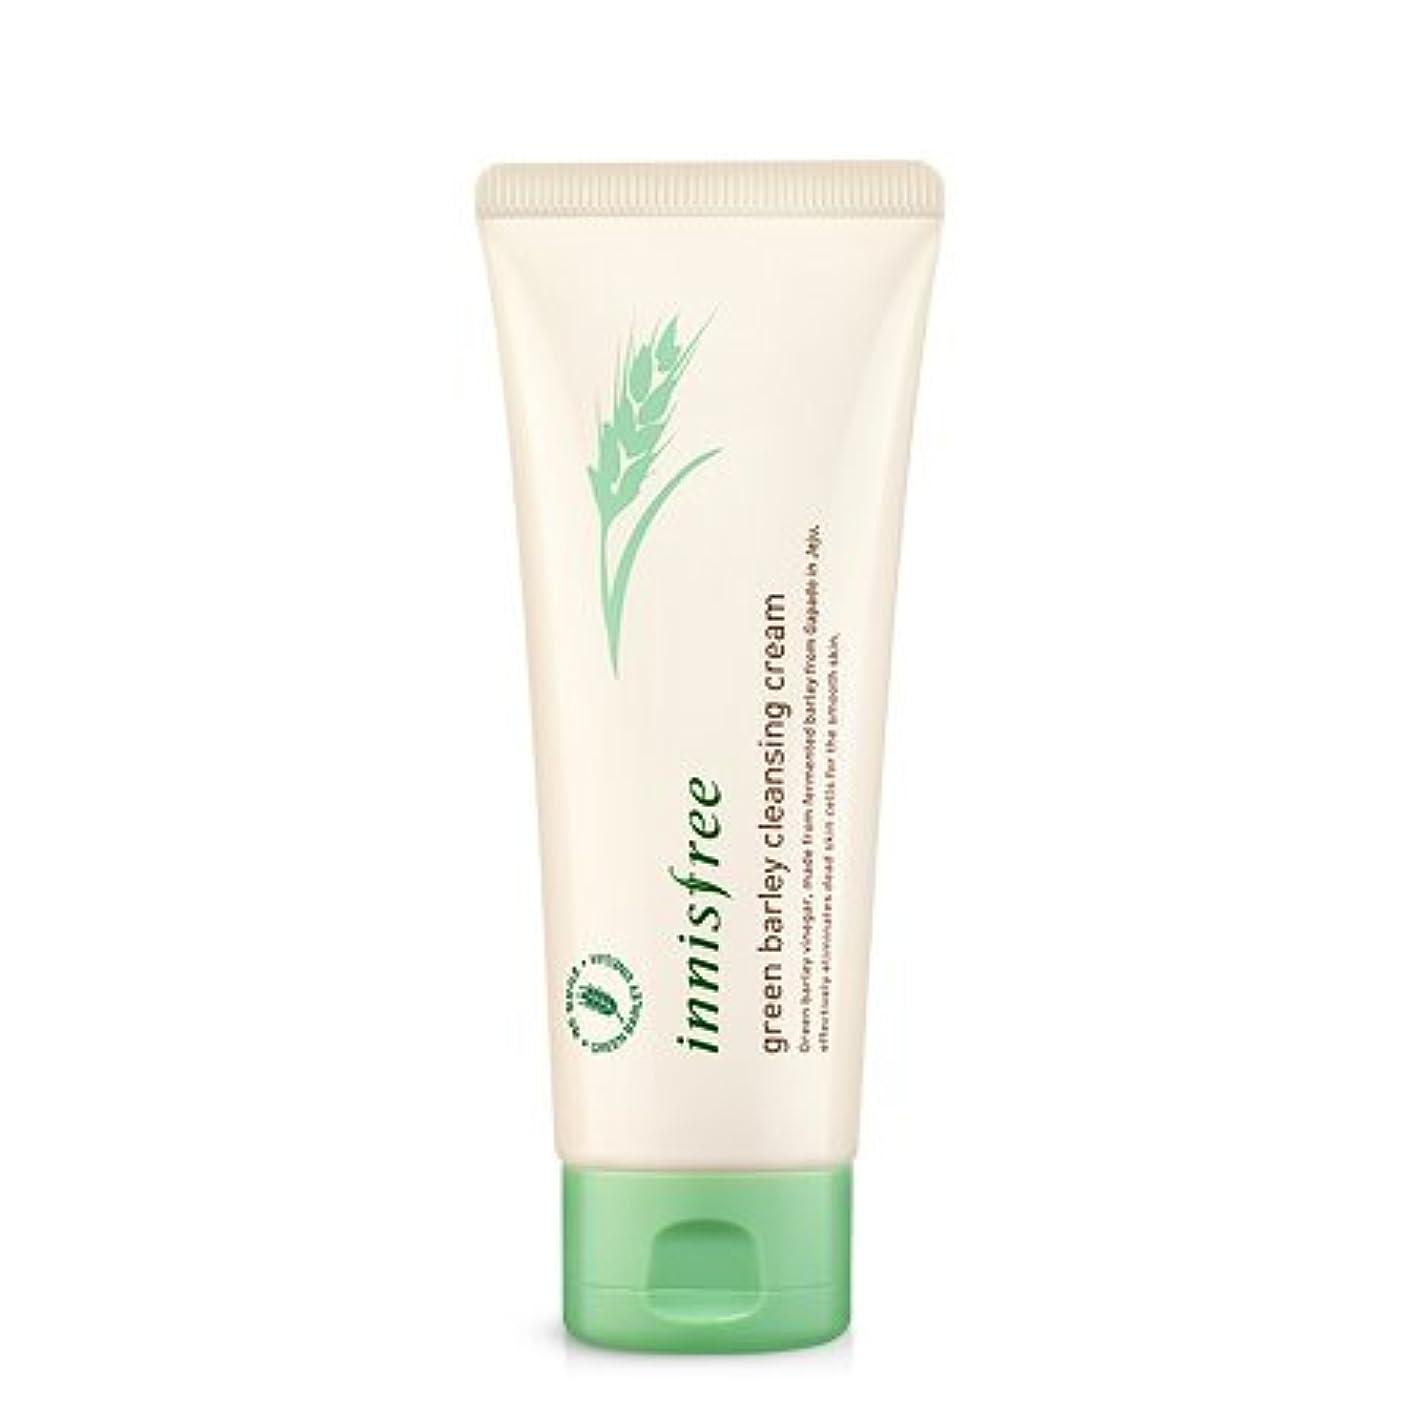 [innisfree(イニスフリー)] Green barley cleansing cream 150ml 青麦のクレンジングクリーム[並行輸入品][海外直送品]